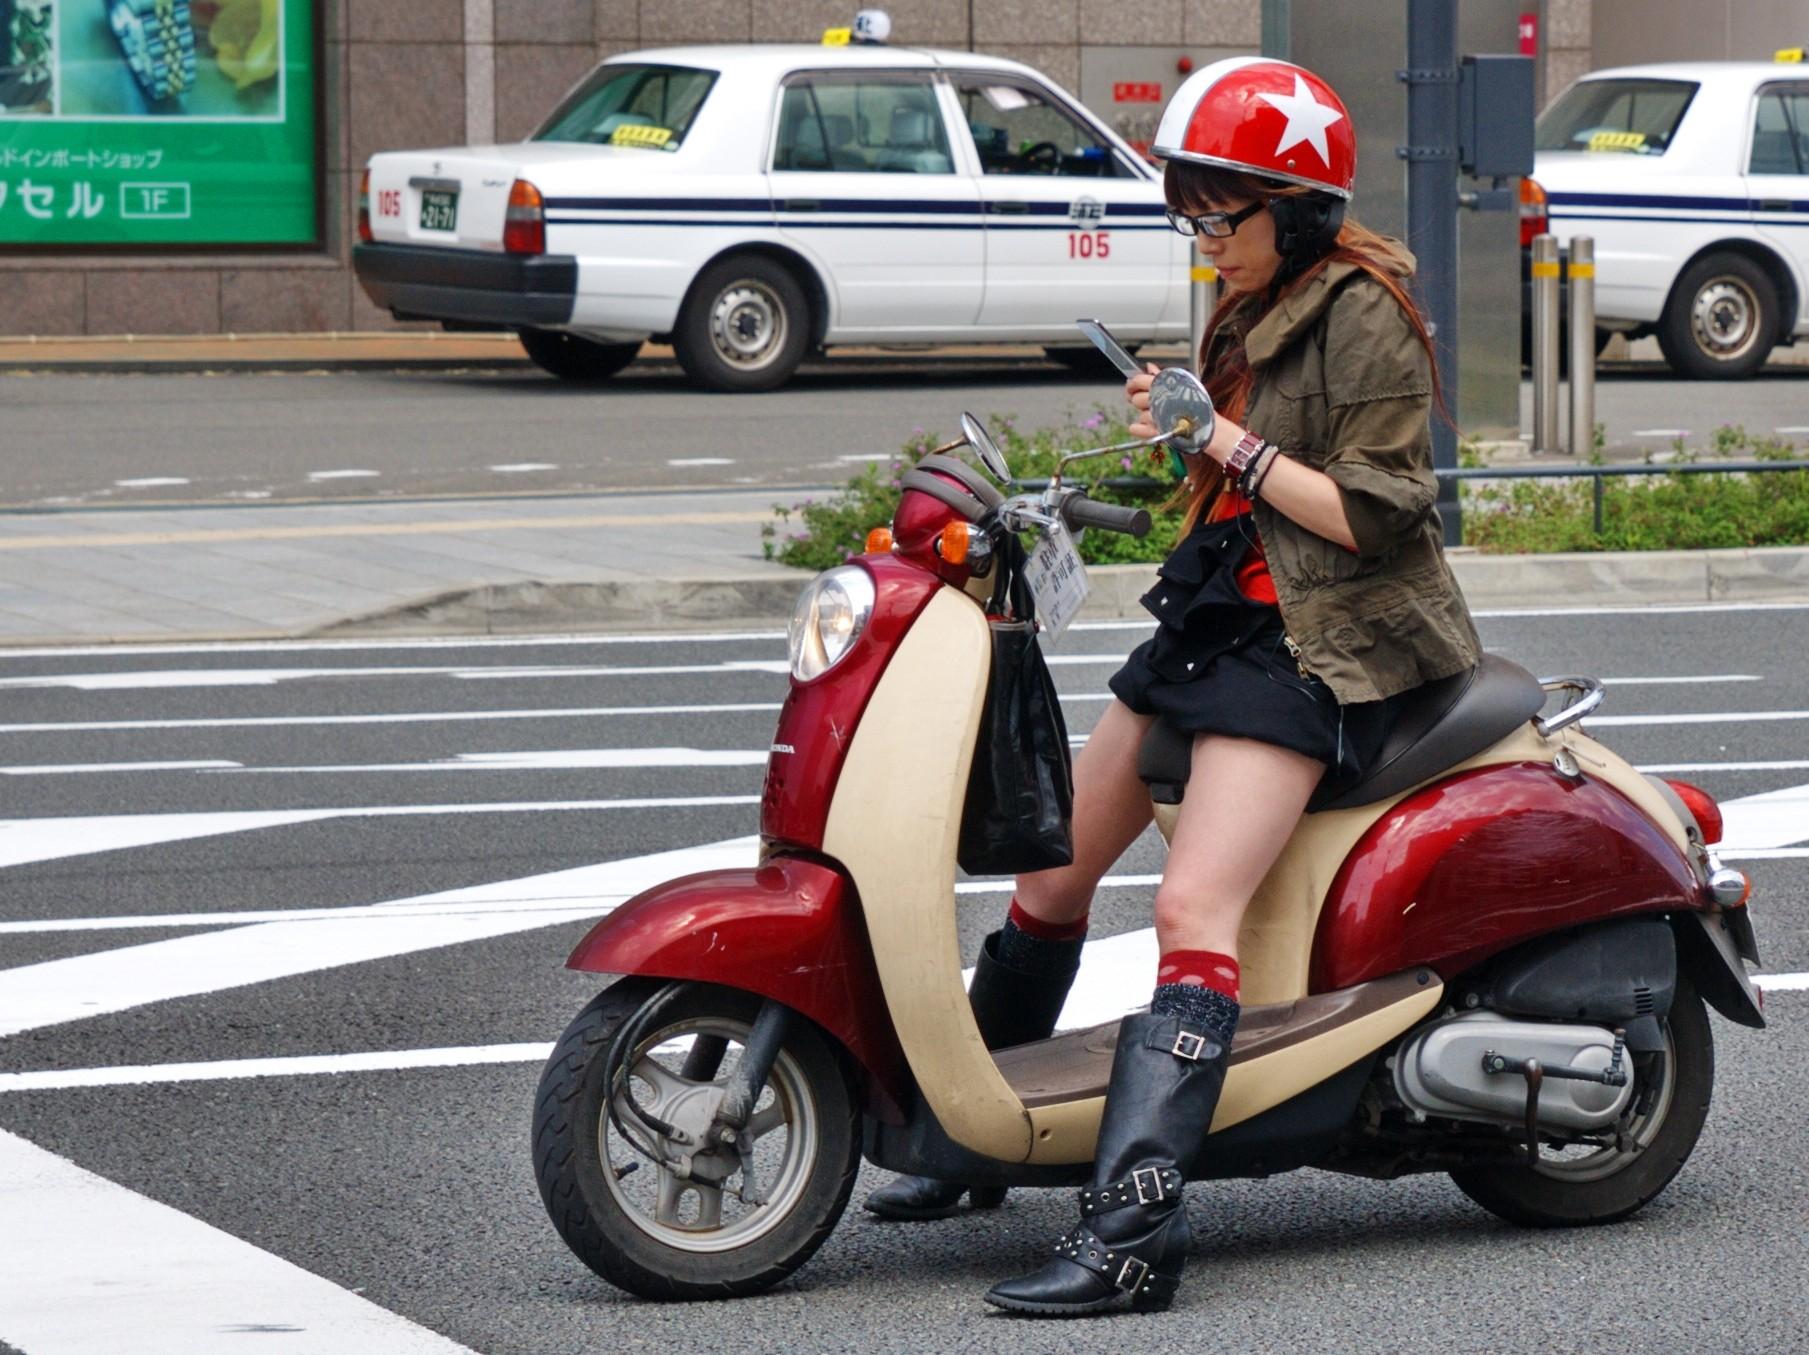 【フェチ画像】代わりに跨ってくれwwwバイクに乗ったお姉さんのムチムチ下半身に視線釘付け 12